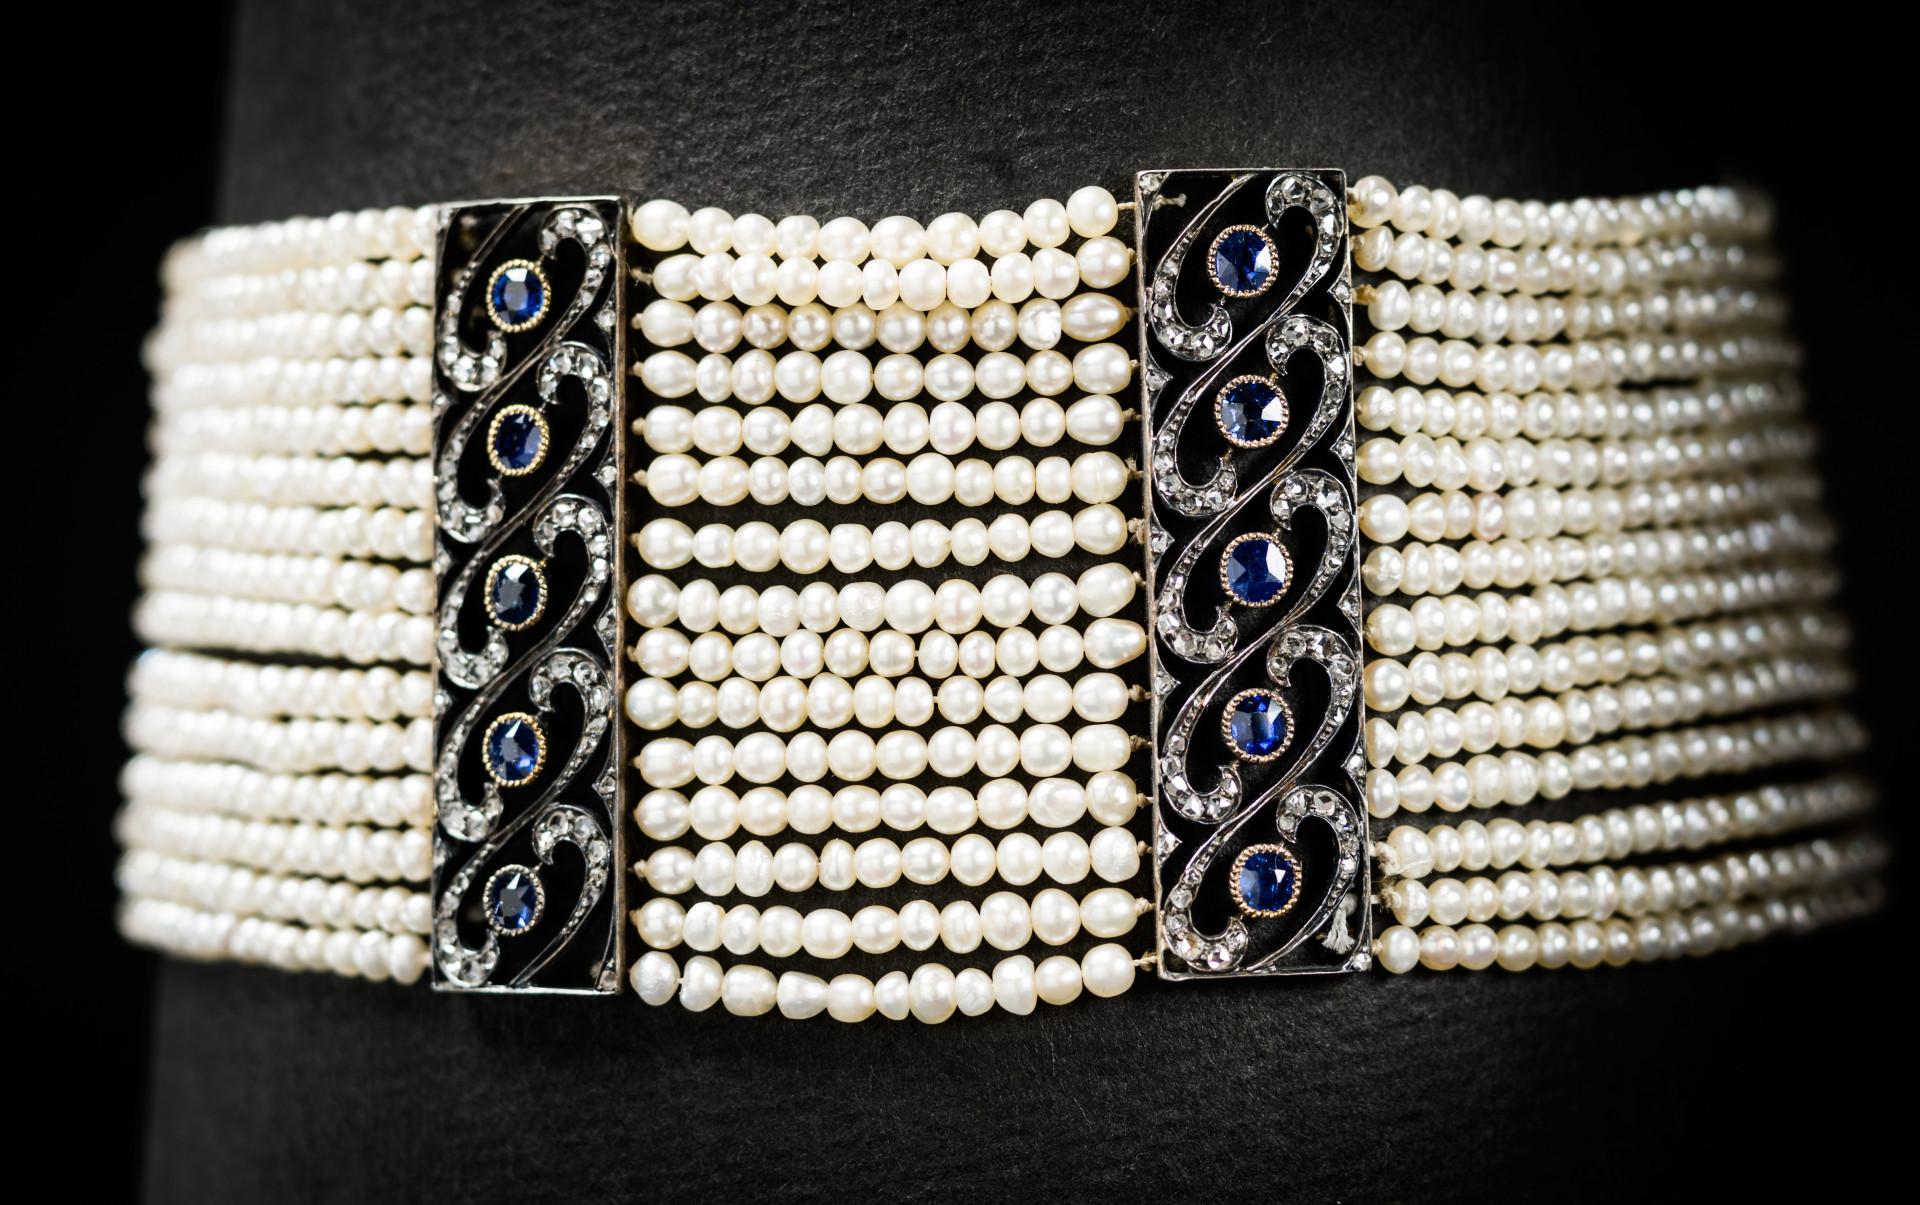 """Denna typ av halsband kallas i England dog collar och i Frankrike collier de chien, vilket betyder """"hundhalsband"""". De ska sitta tätt runt halsen. Halsbanden var moderna inom högre samhällsskikt årtiondena kring sekelskiftet 1900. Halsbandet består av 1650 orientaliska pärlor uppträdda i femton rader, avdelade av vertikala stavar av vitt guld, besatta med safirer och diamanter. Foto: Mats Landin/ Nordiska museet."""